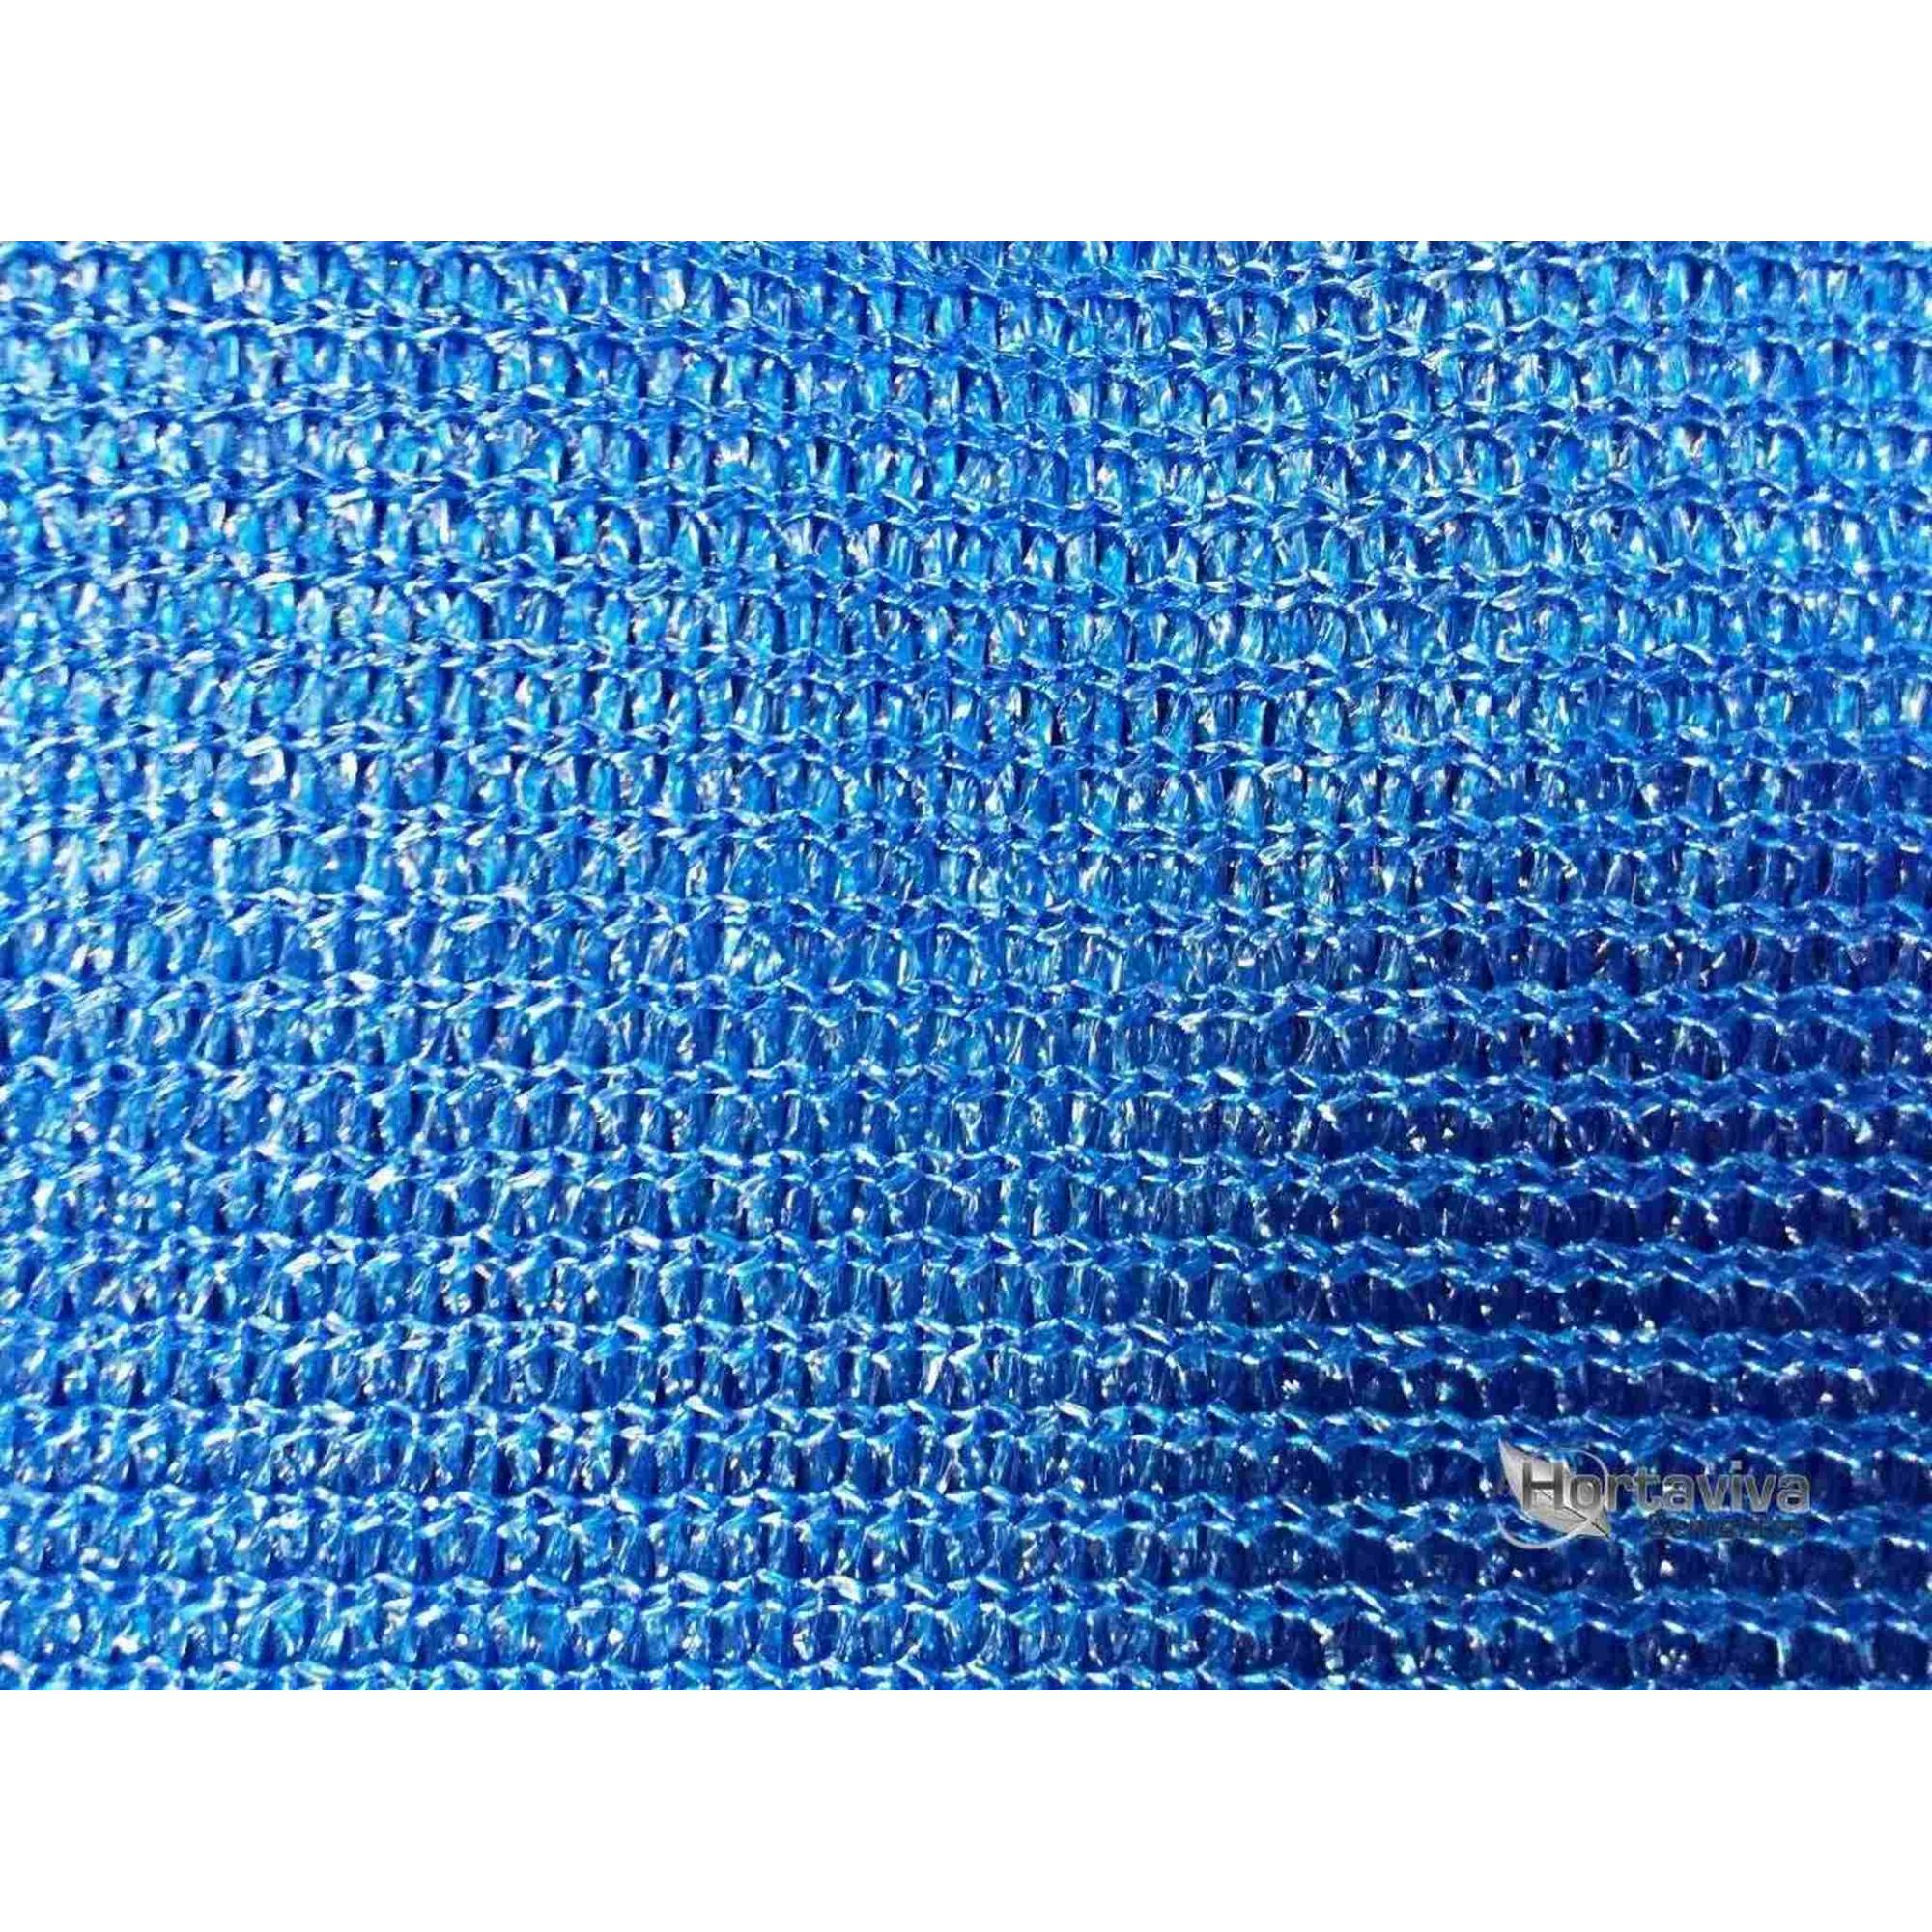 Tela De Sombreamento Decorativa Azul 90% - 4 Metros X 20 Metros